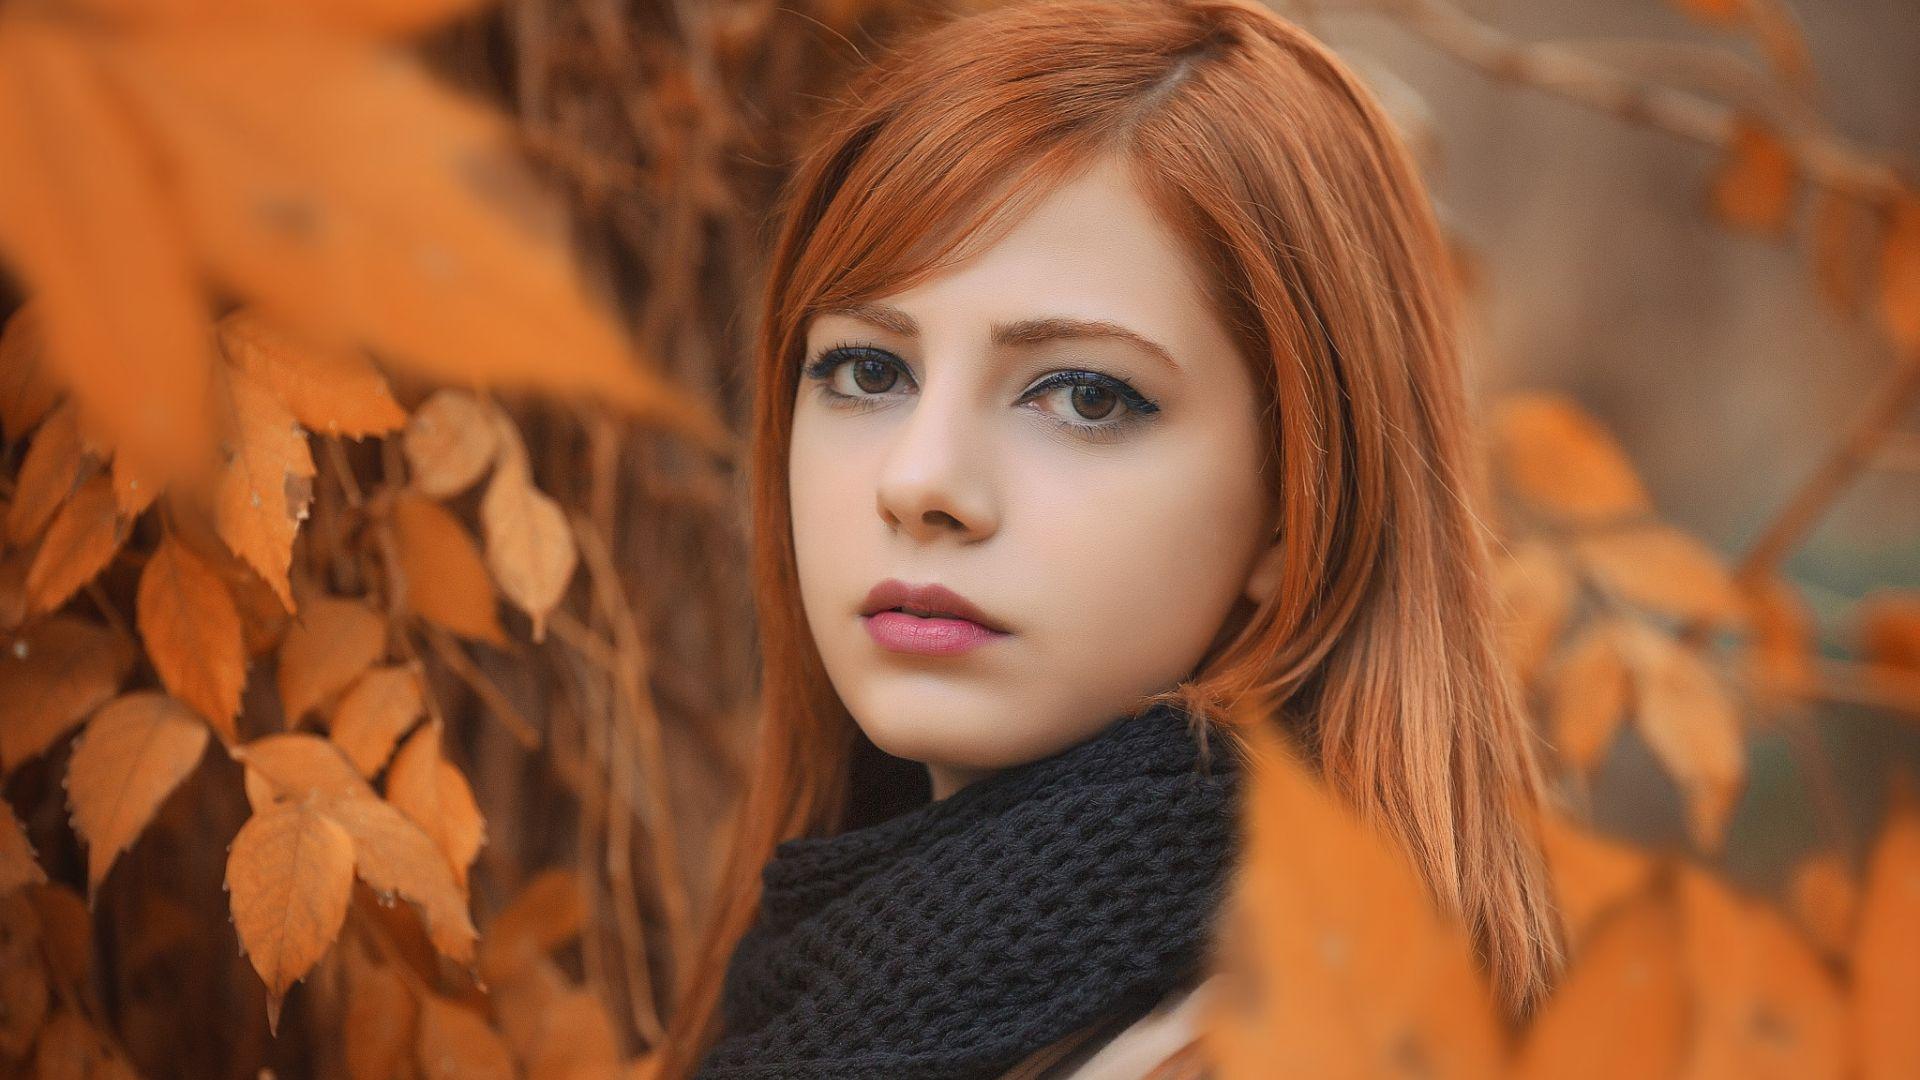 Redhead videos, page 6 - XVIDEOS. COM